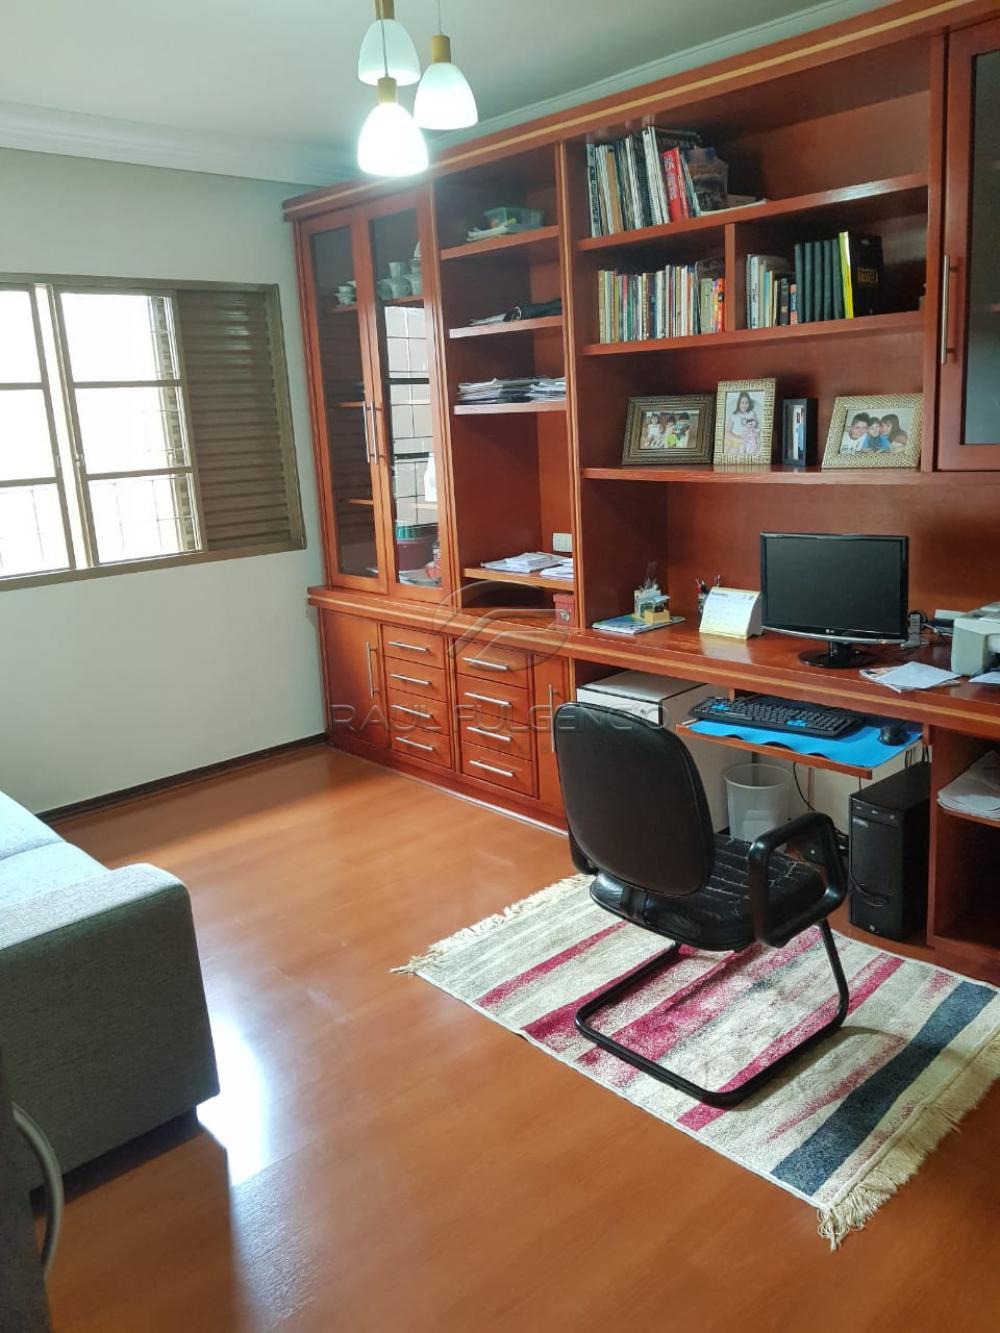 Comprar Casa / Térrea em Londrina apenas R$ 595.000,00 - Foto 9